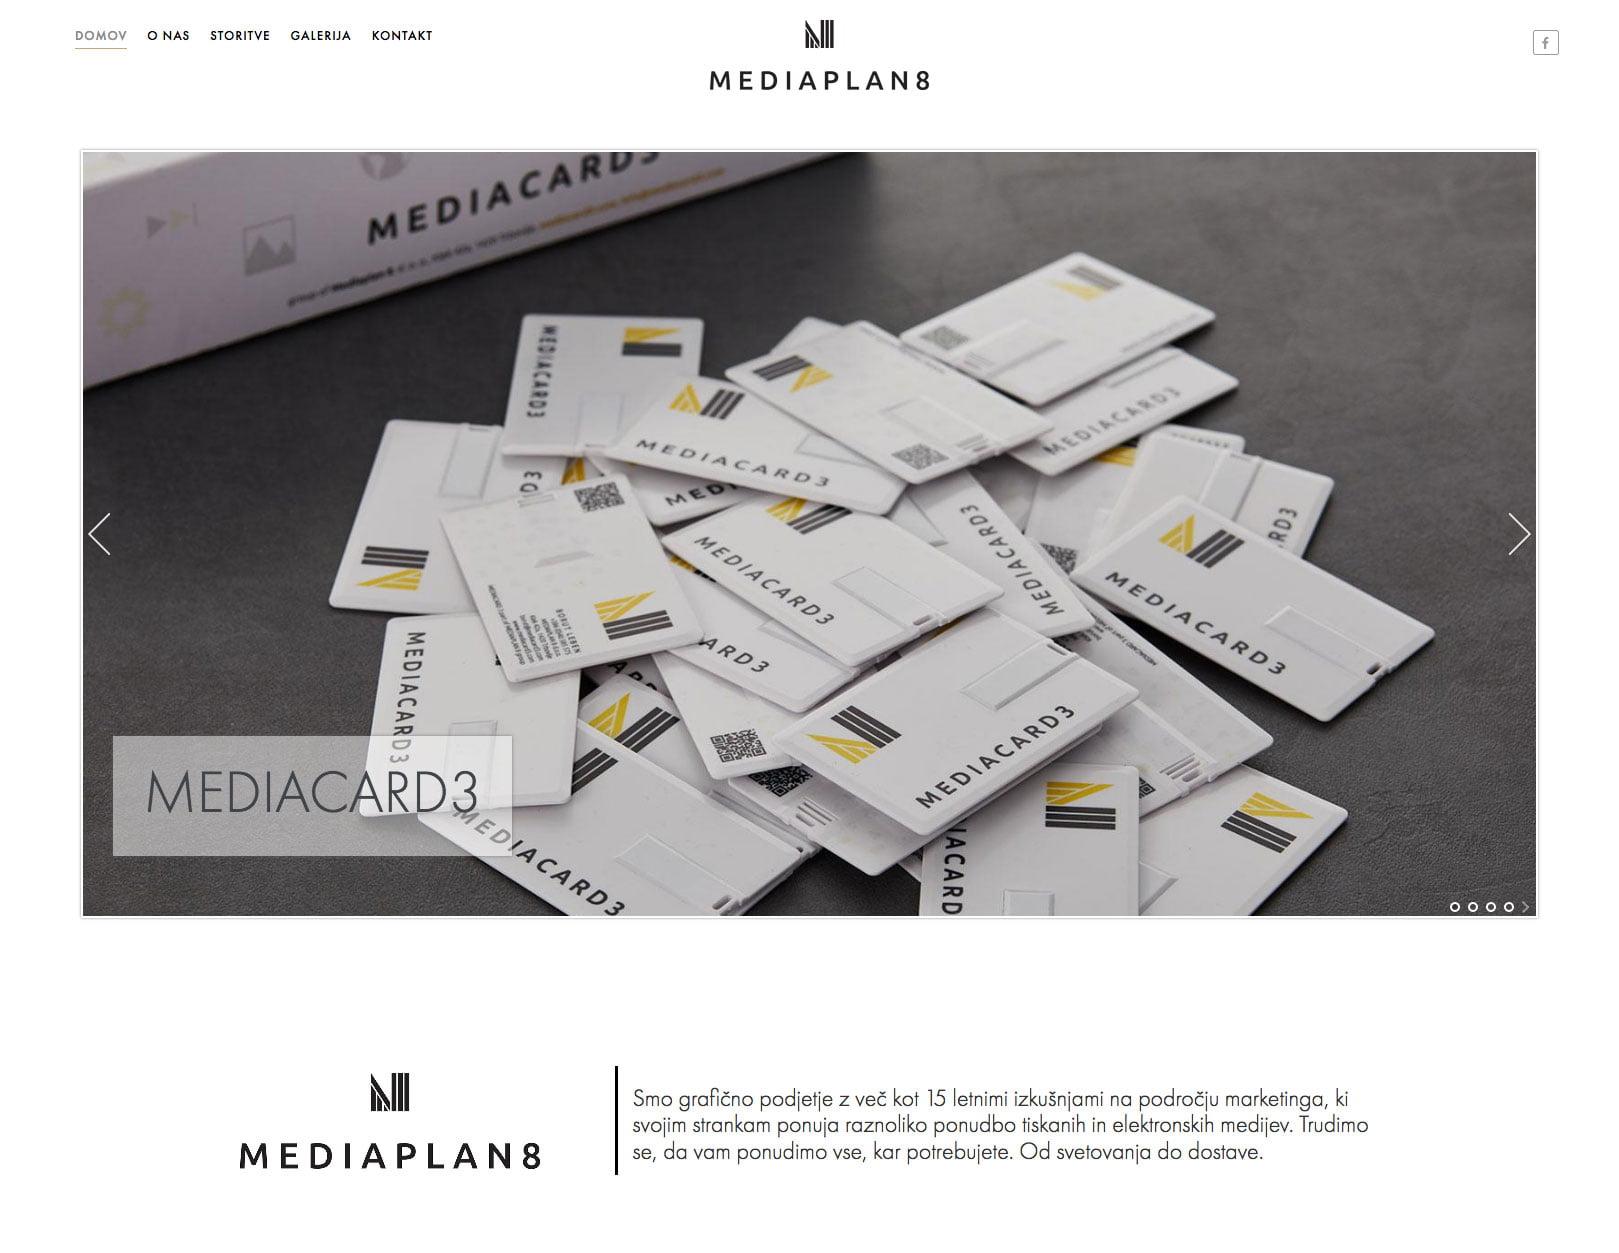 mediaplan8